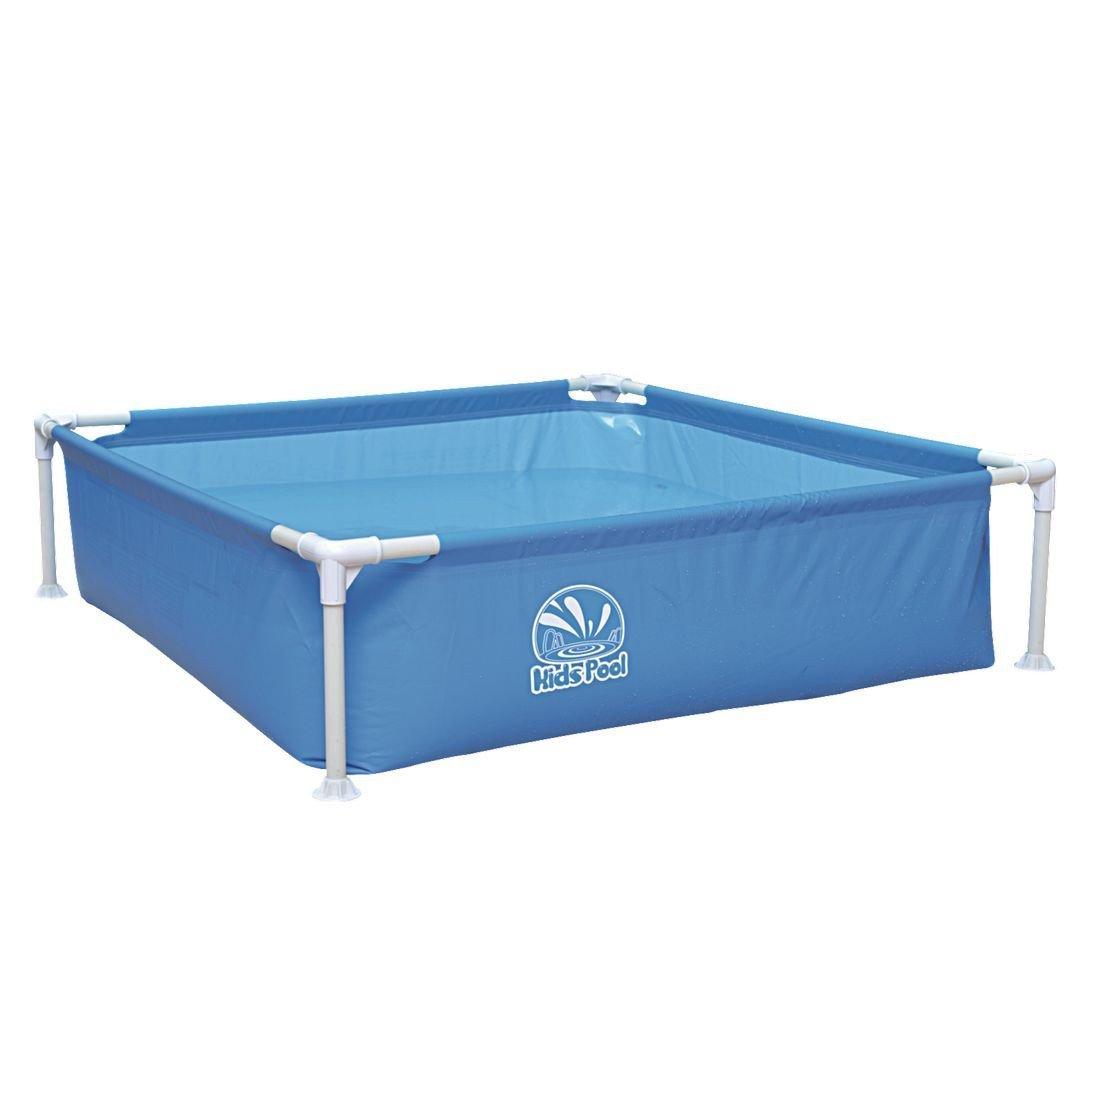 ������� ��������� Jilong Jl017257npfv01 kids frame pool